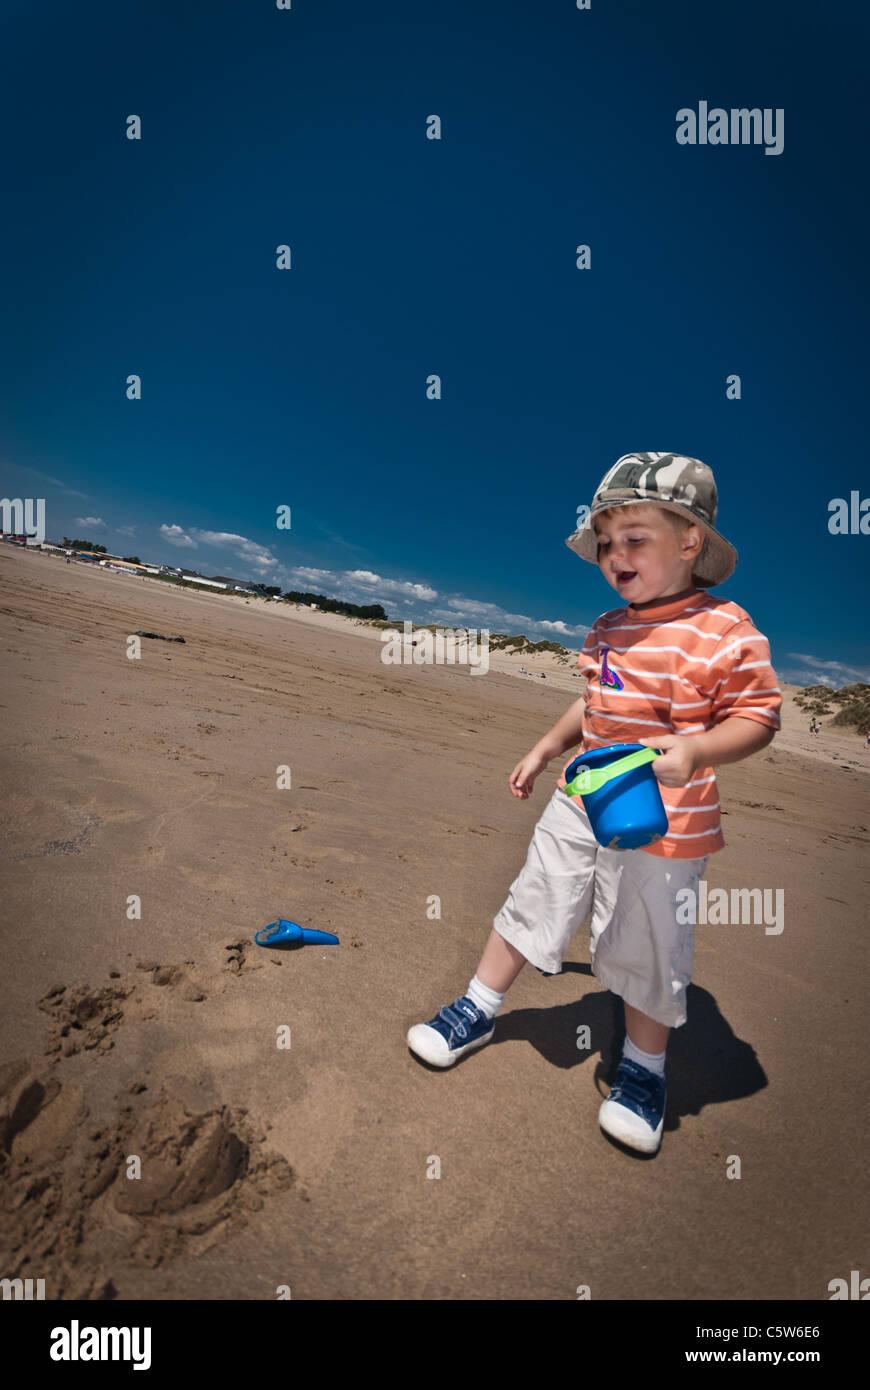 ein kleiner Junge macht Sandburgen an einem Sandstrand an einem wolkenlosen Sommertag Stockbild